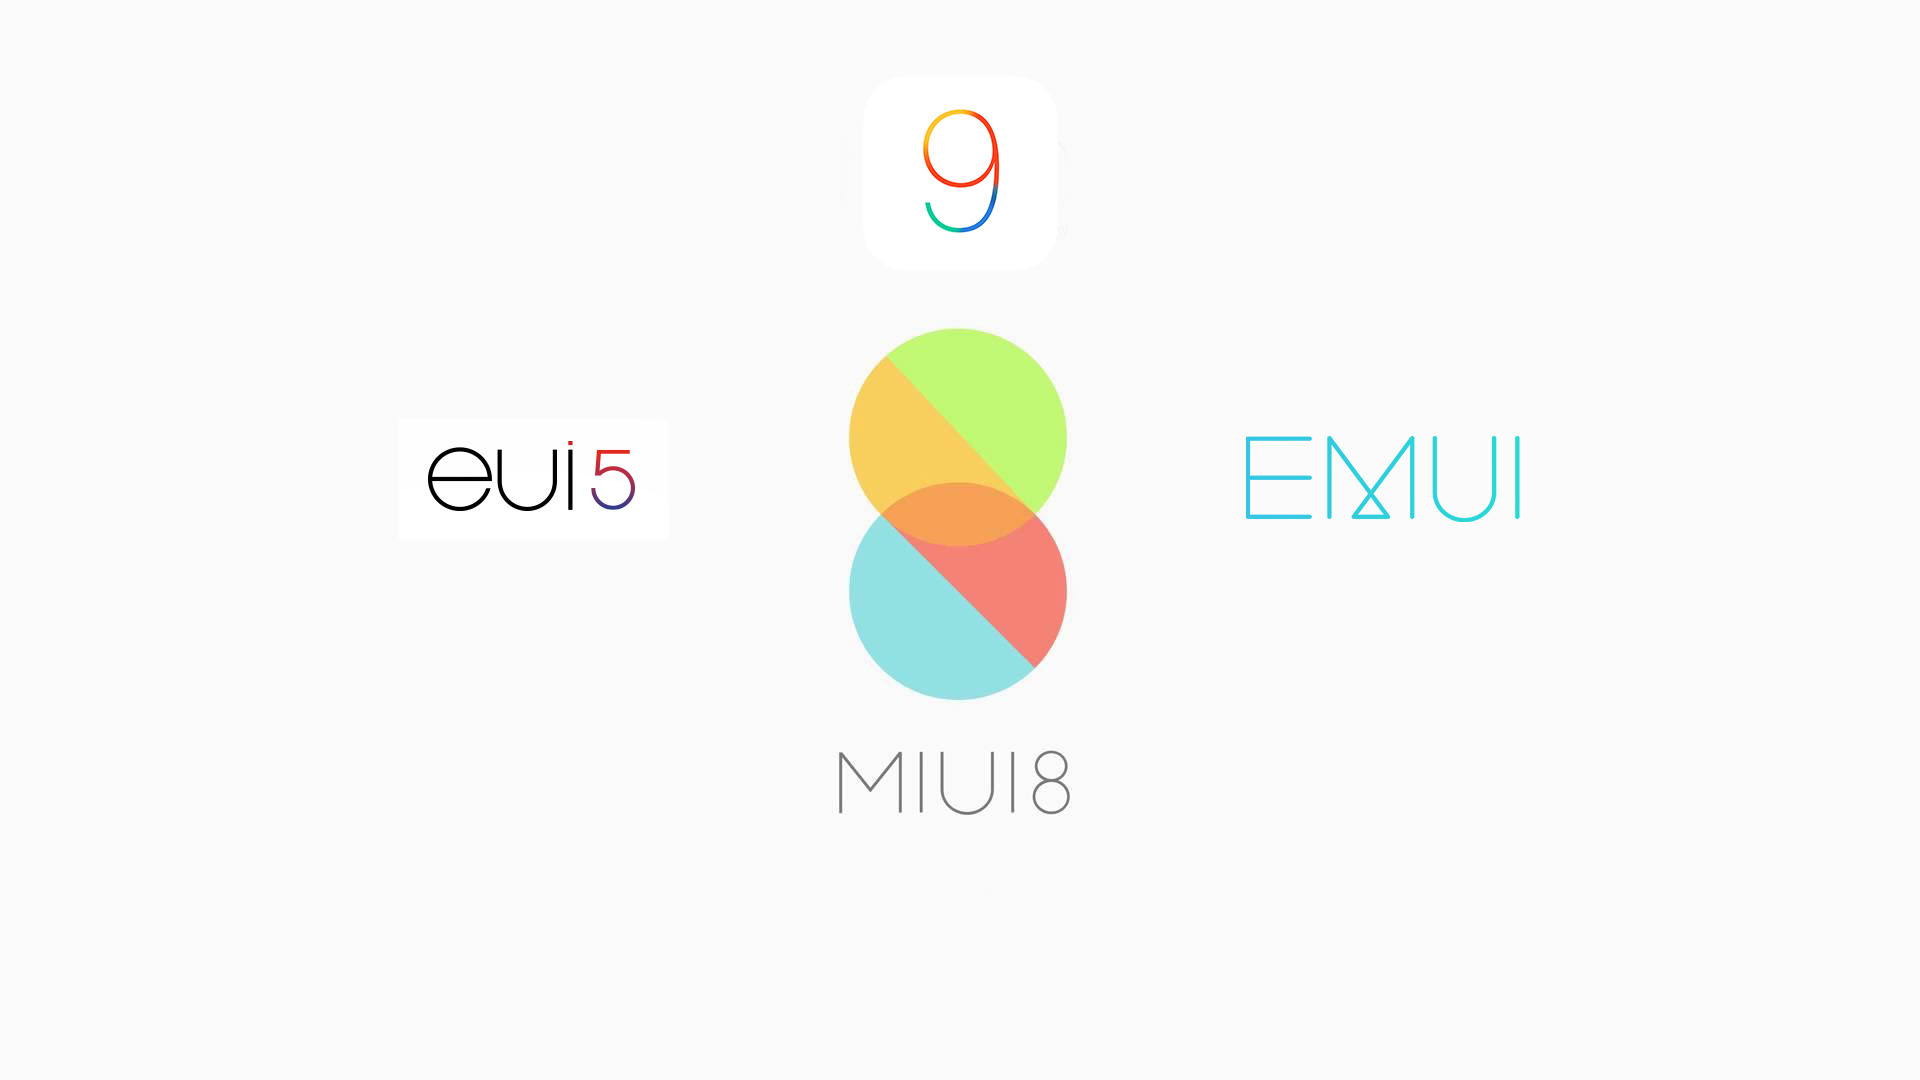 MIUI vs EUI vs EMUI (vs iOs): interfacce a confronto